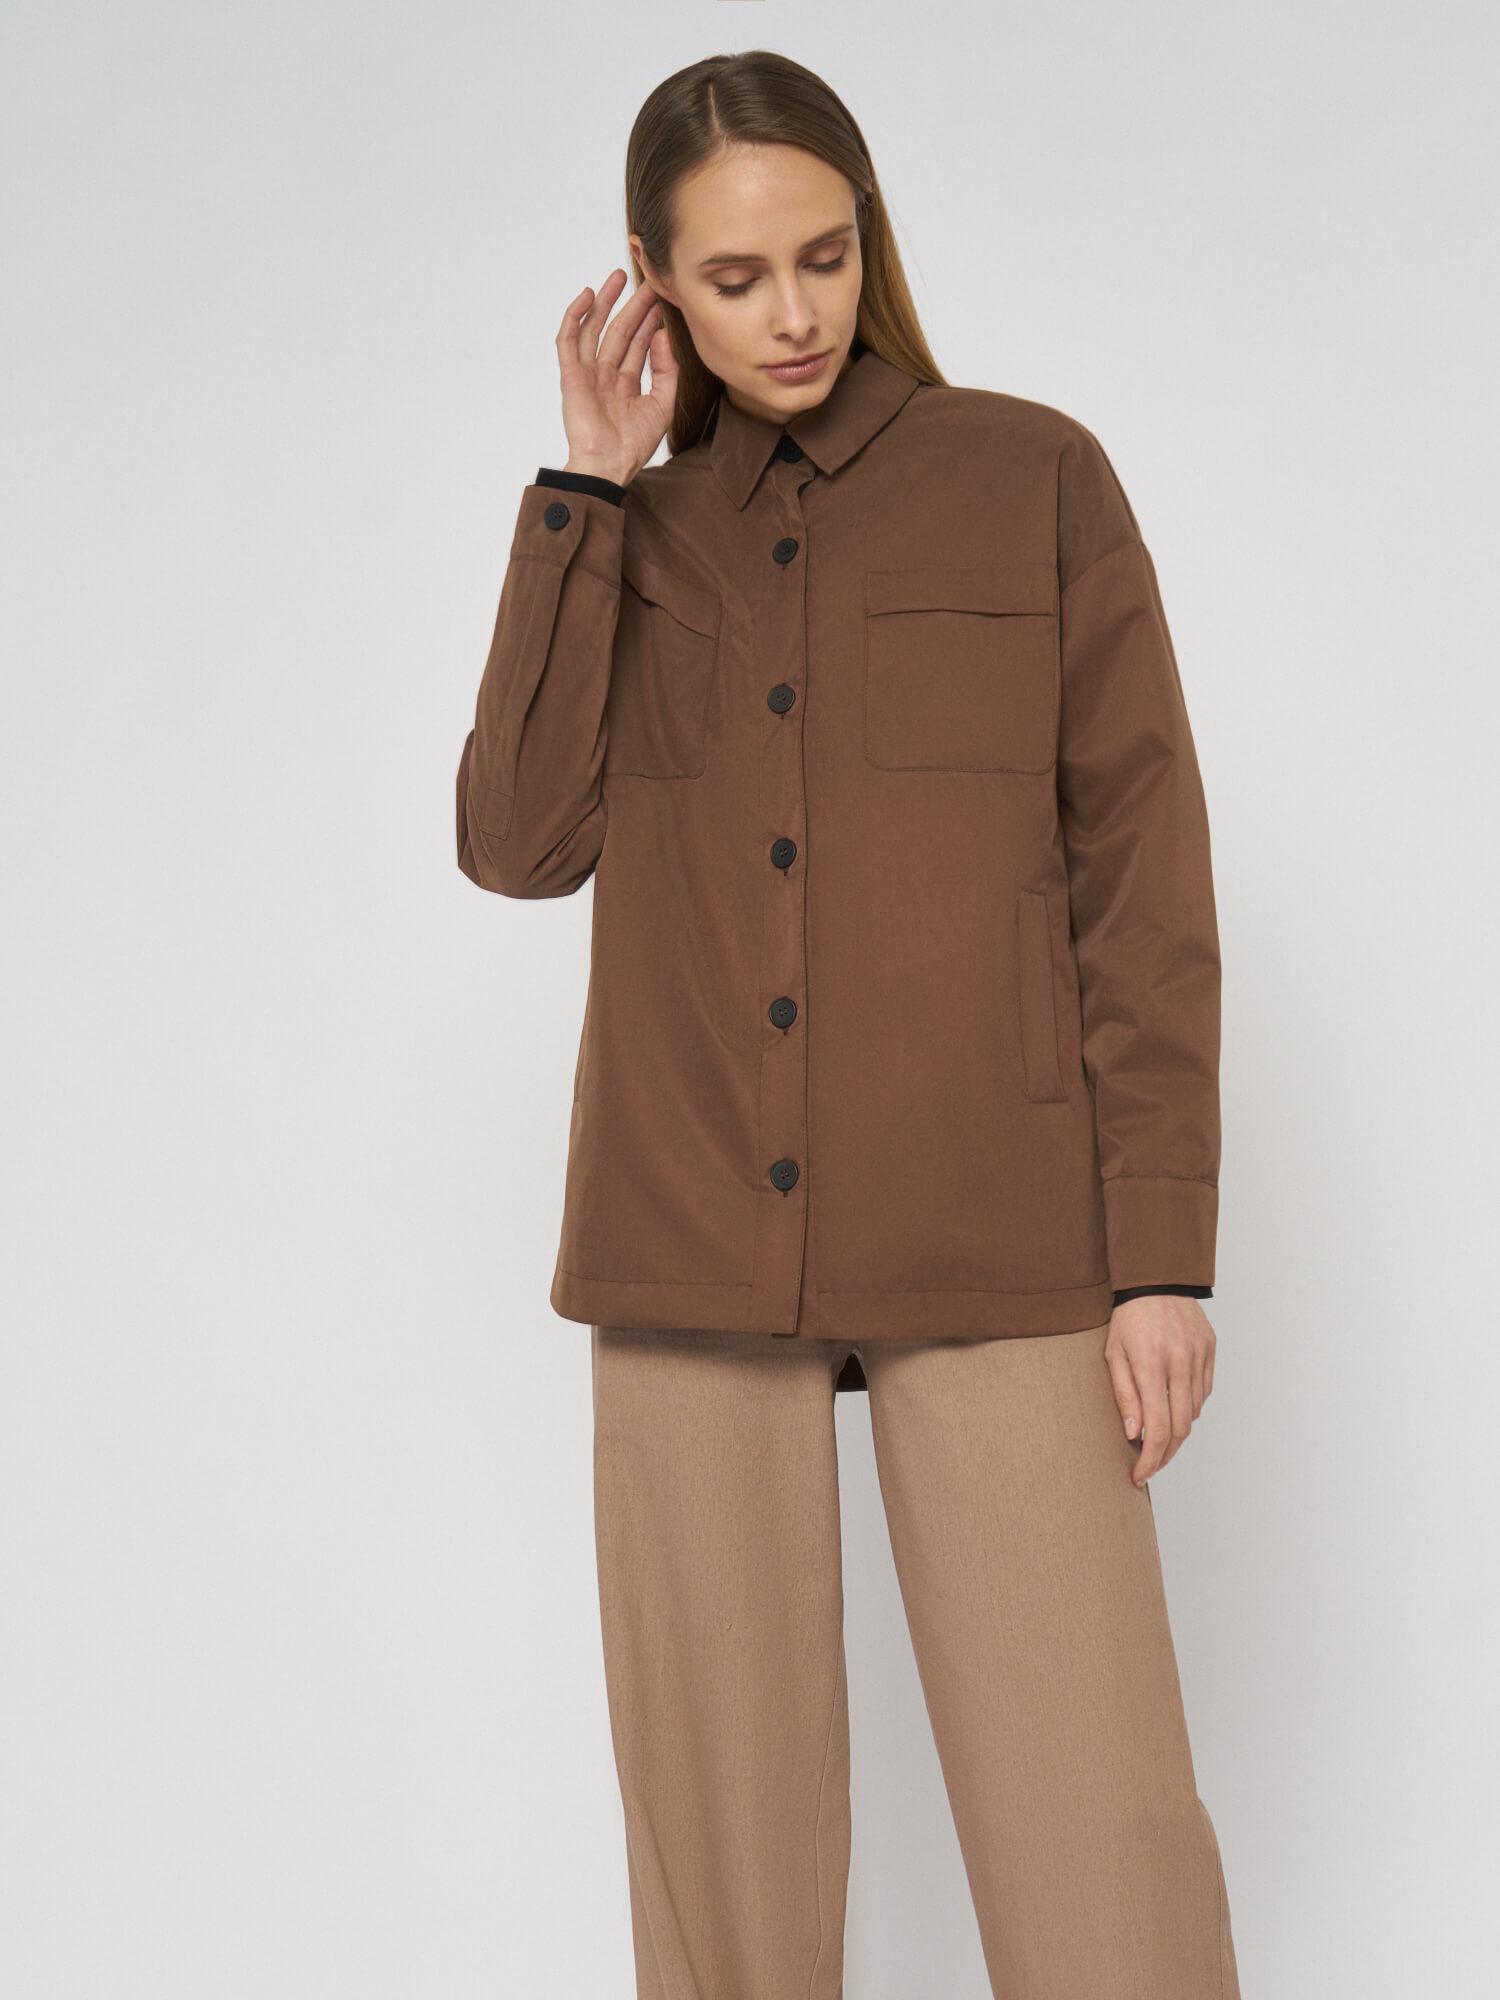 Куртка-рубашка Берлин